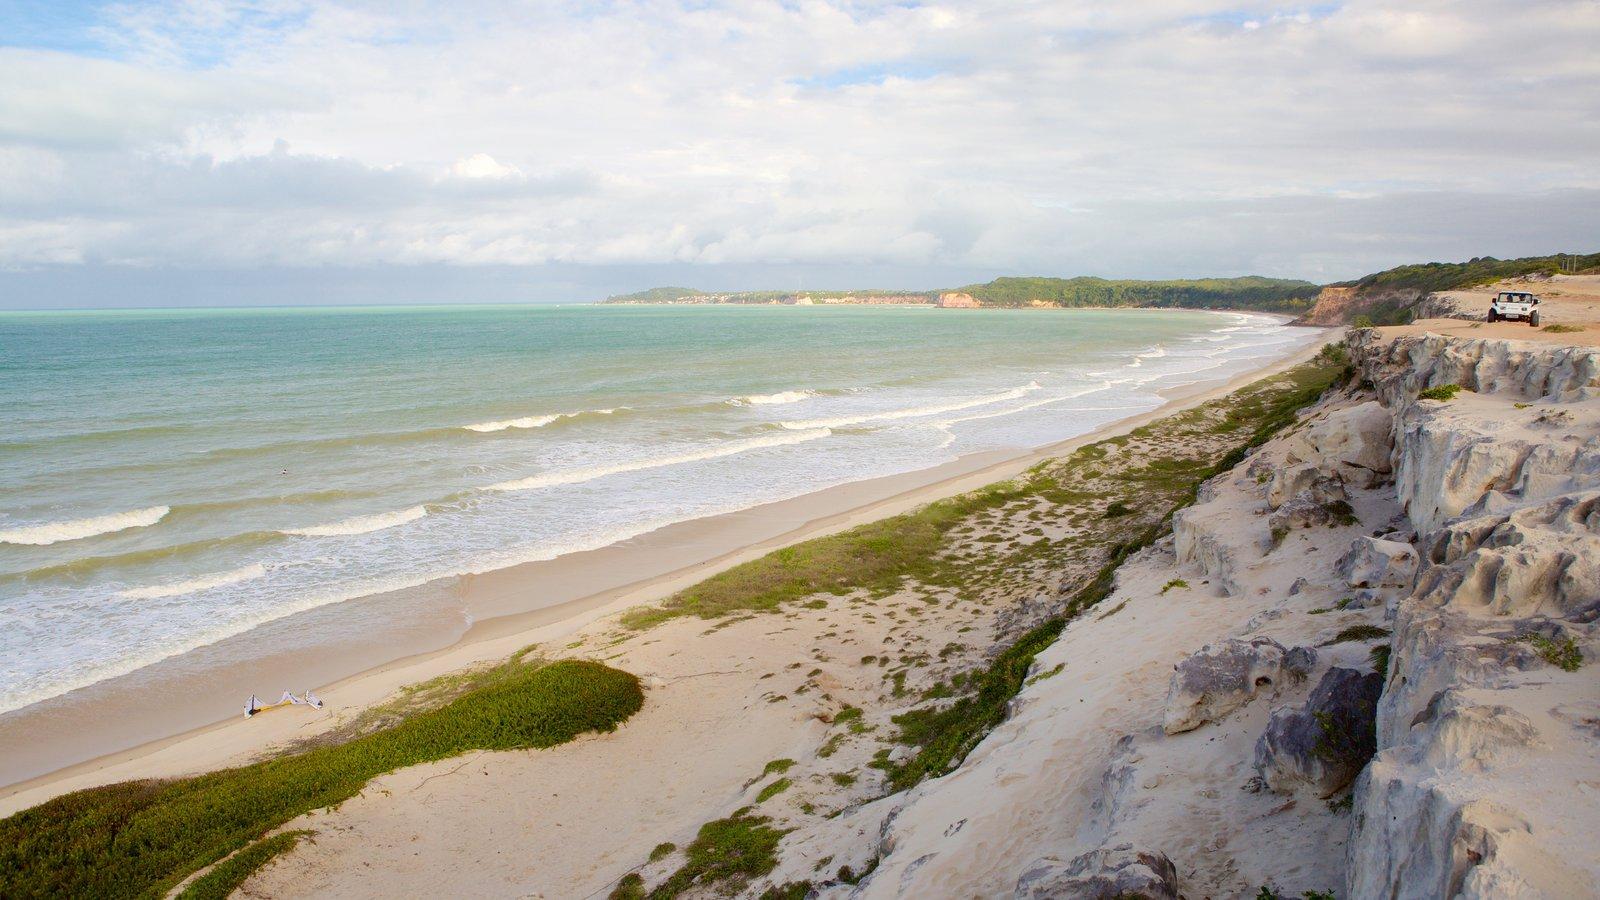 Pipa que inclui uma praia e paisagens litorâneas